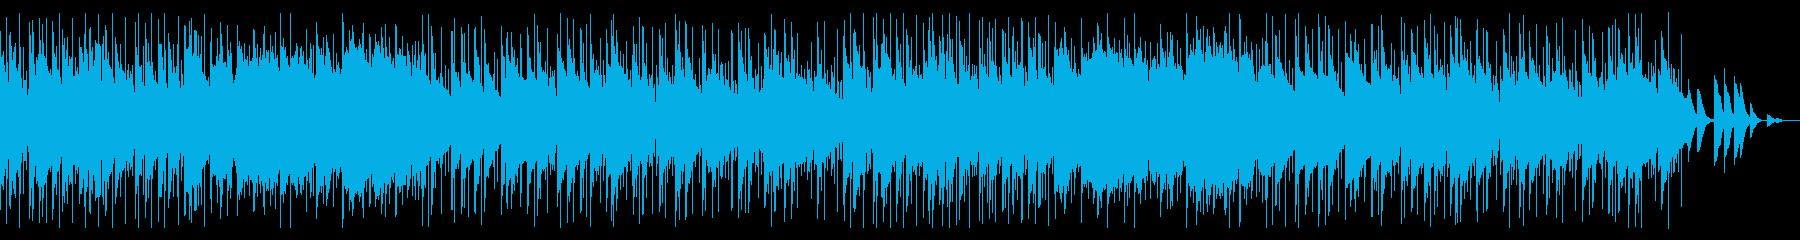 カワイイ系ポップ/行進したい/ゆったりの再生済みの波形